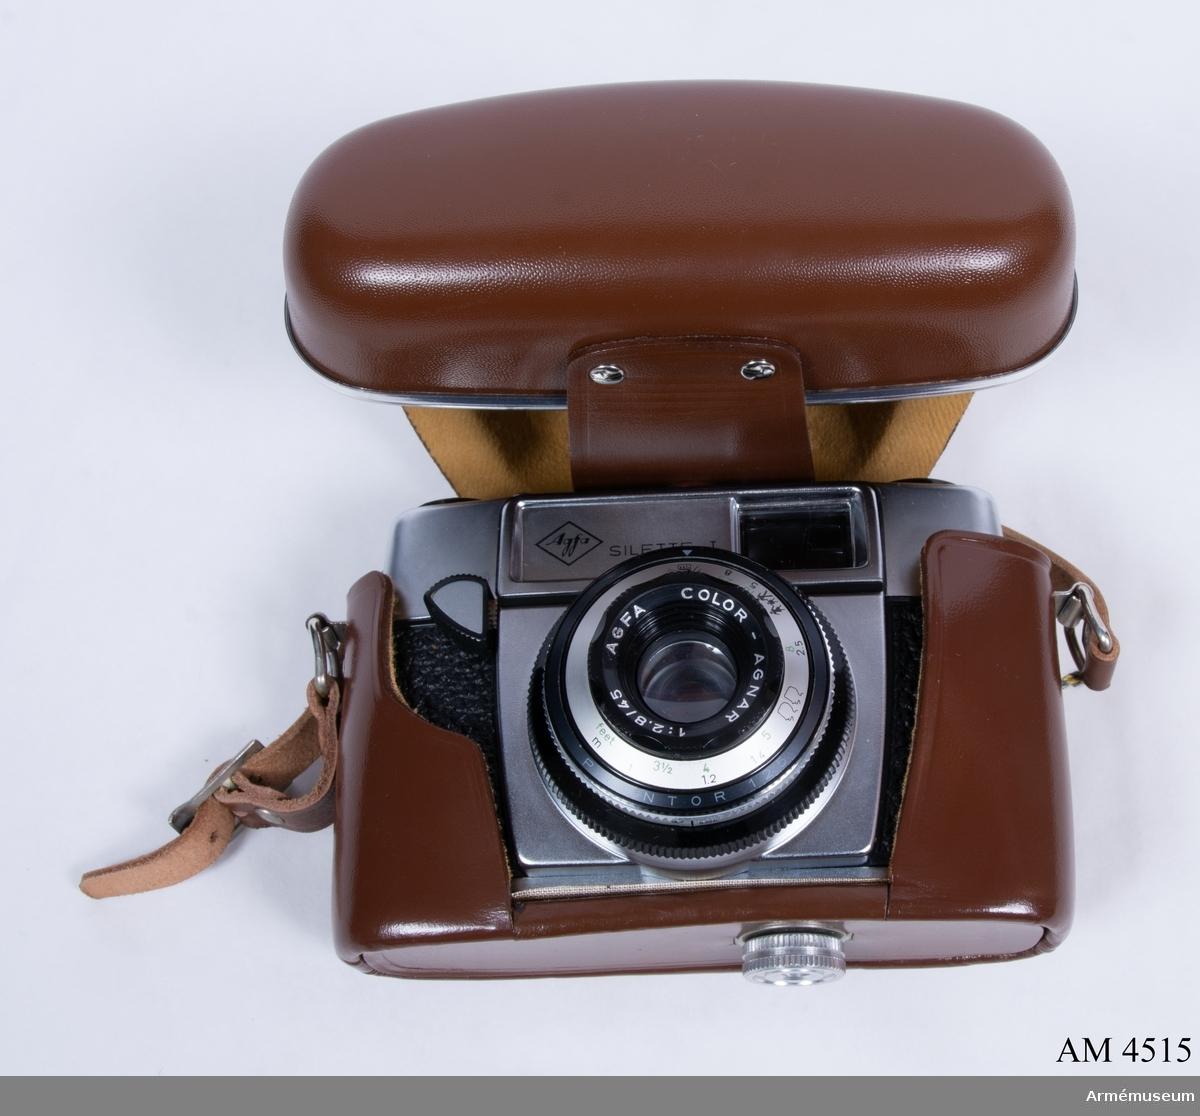 Småbildskamera 135 C MT Agfa Silette I. (M 3830-135031). Består av: 1 kamera, 1 väska av läder m bärrem, 1 motljusskydd m tillh. väska av läder, 1 Agfafilter m tillh. Vikten m tillbehör.